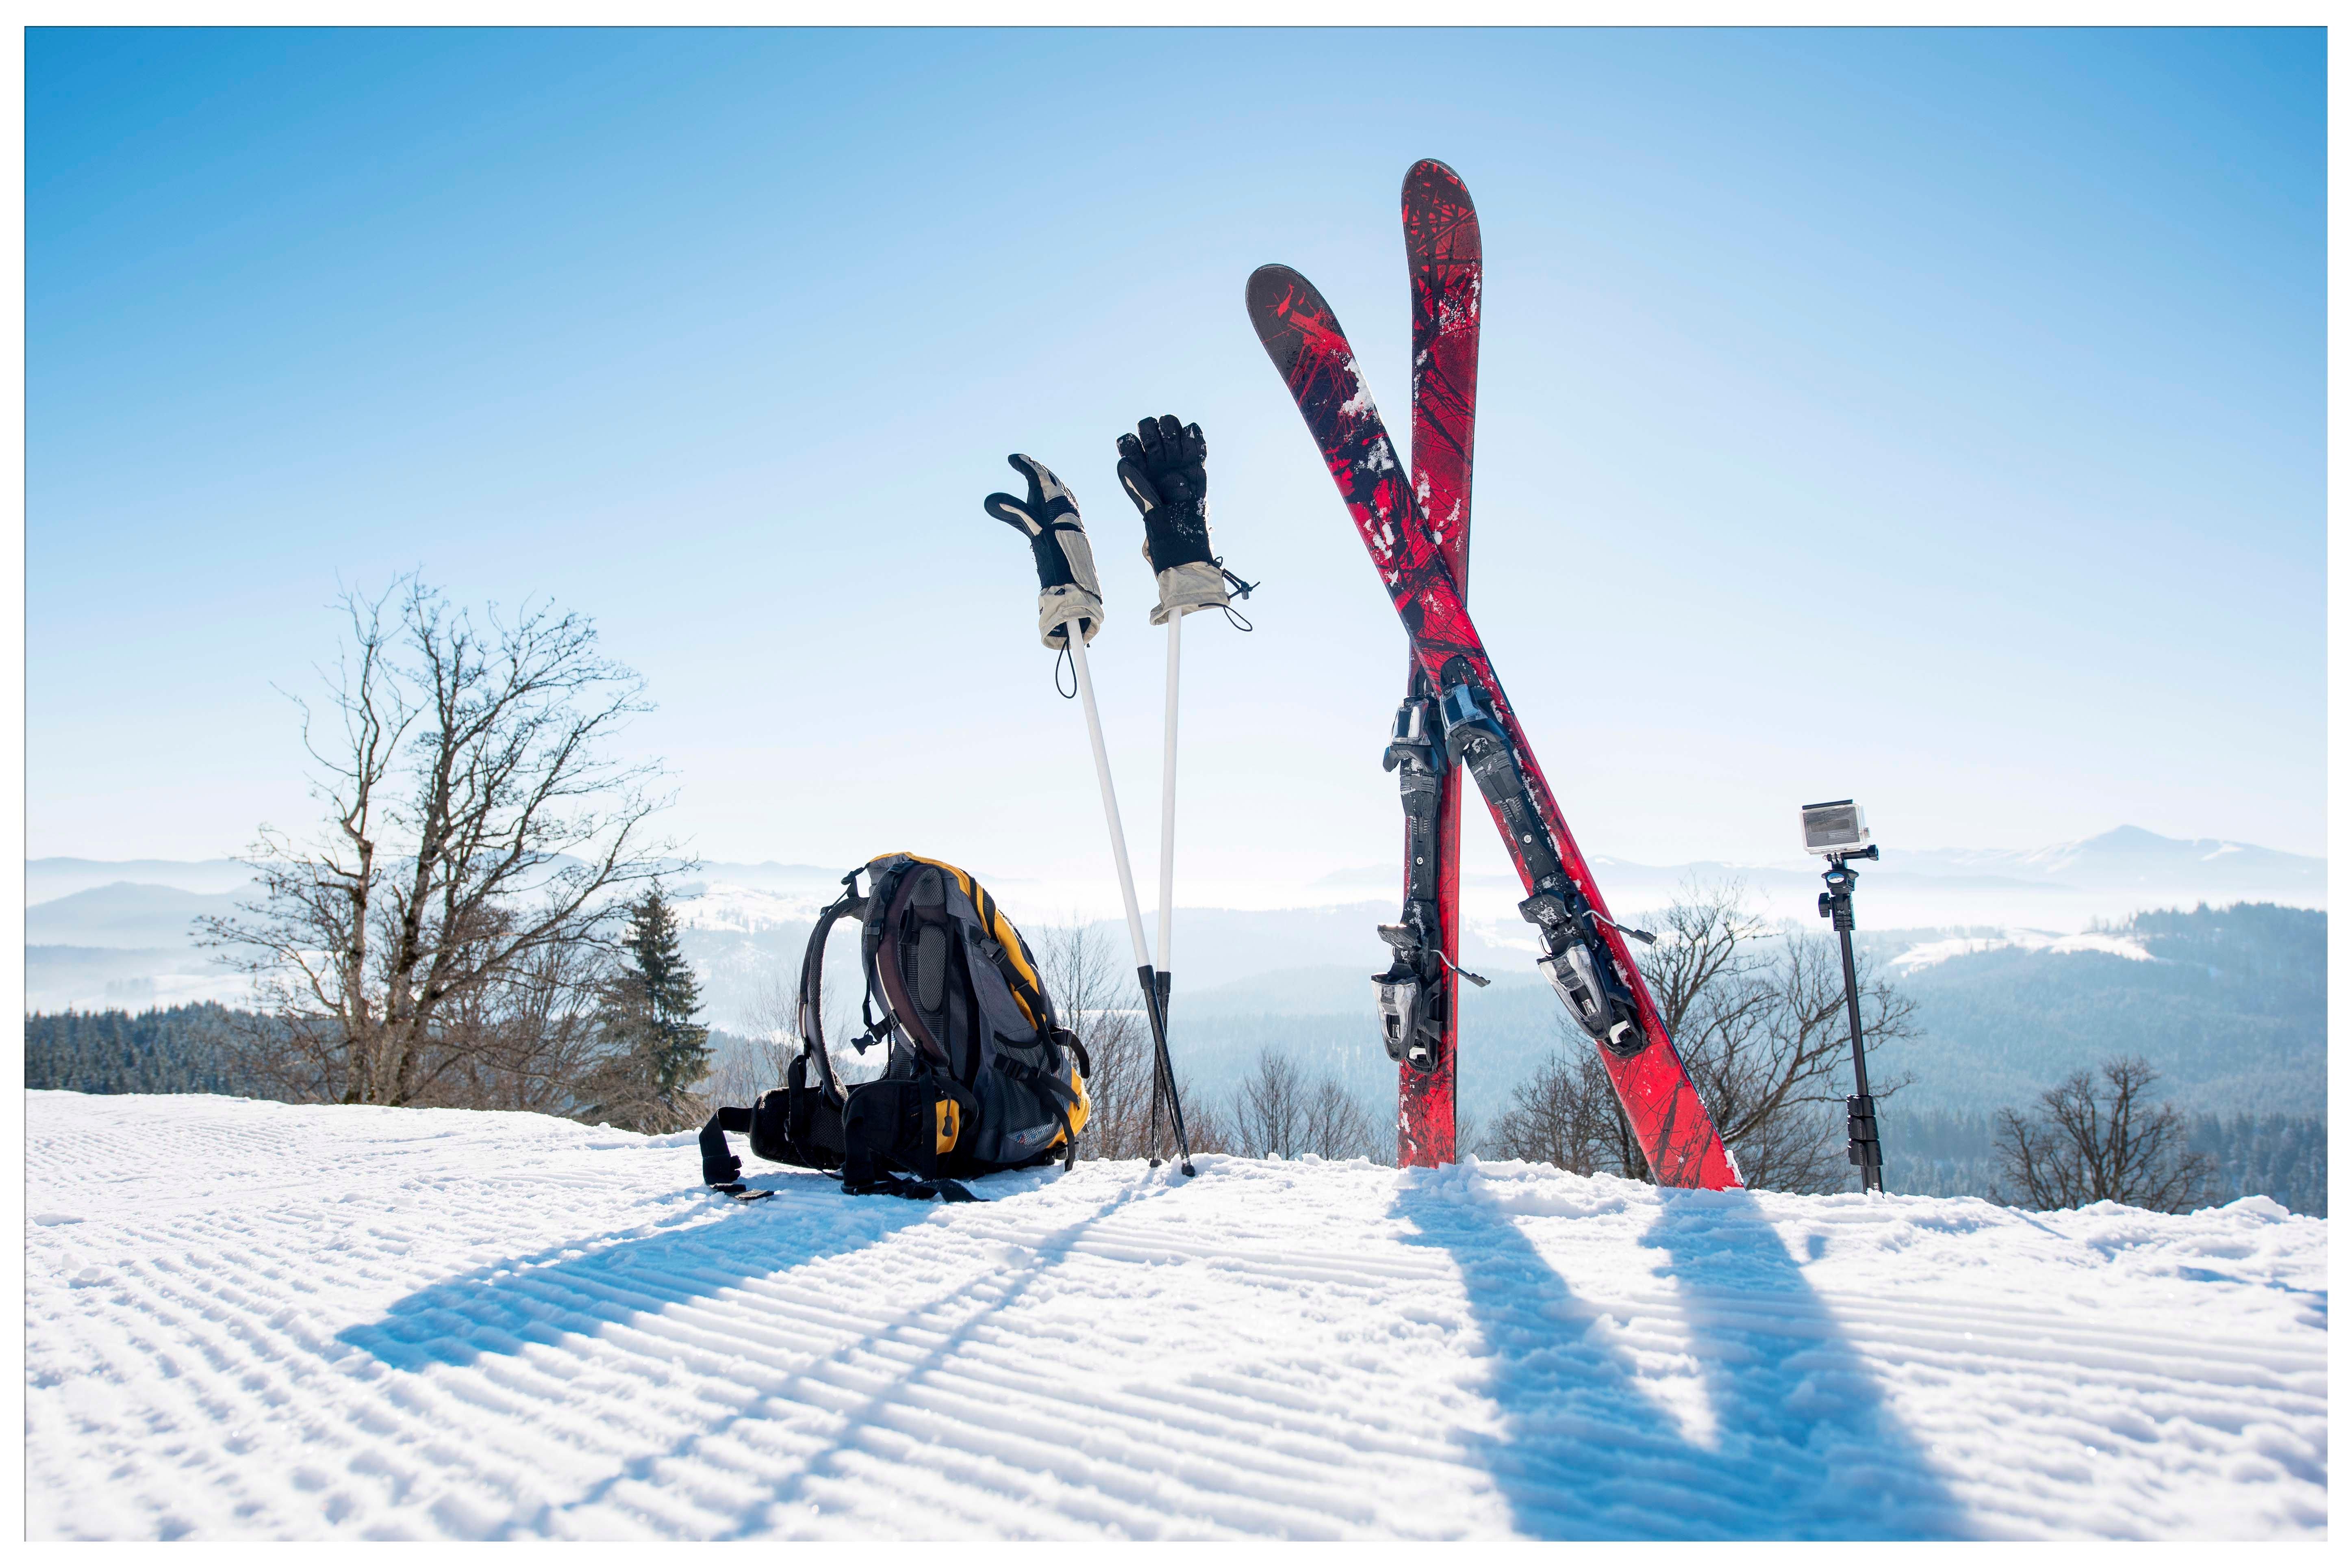 CVB_beg-ski-2_c